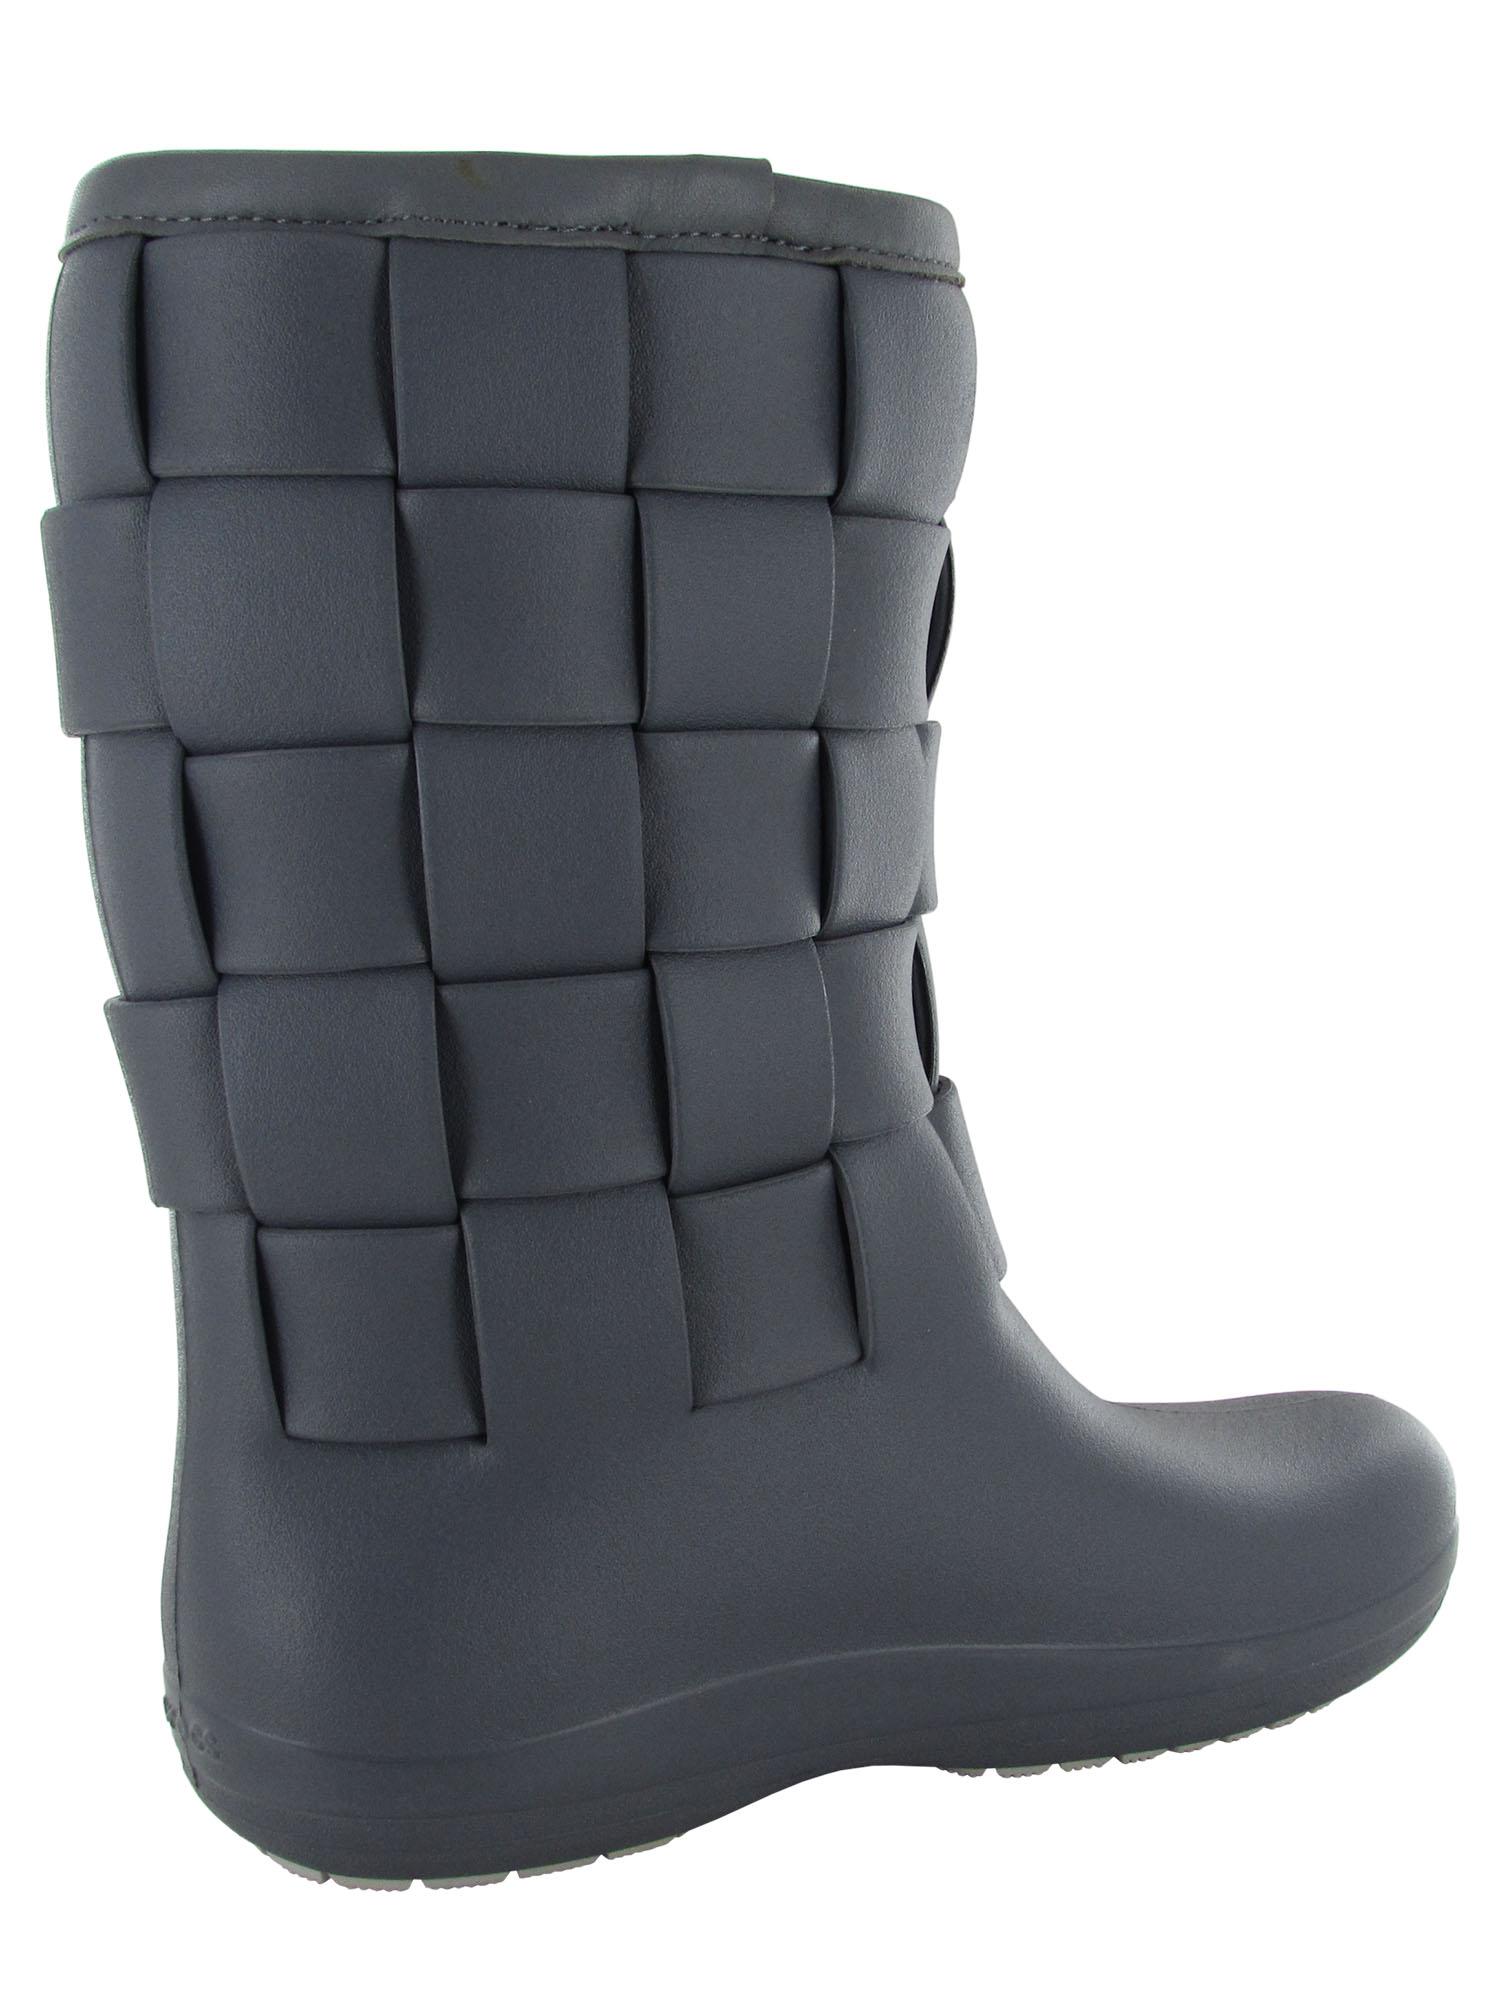 13830625e Crocs-Womens-Super-Molded-Weave-Boot-Shoes thumbnail 7